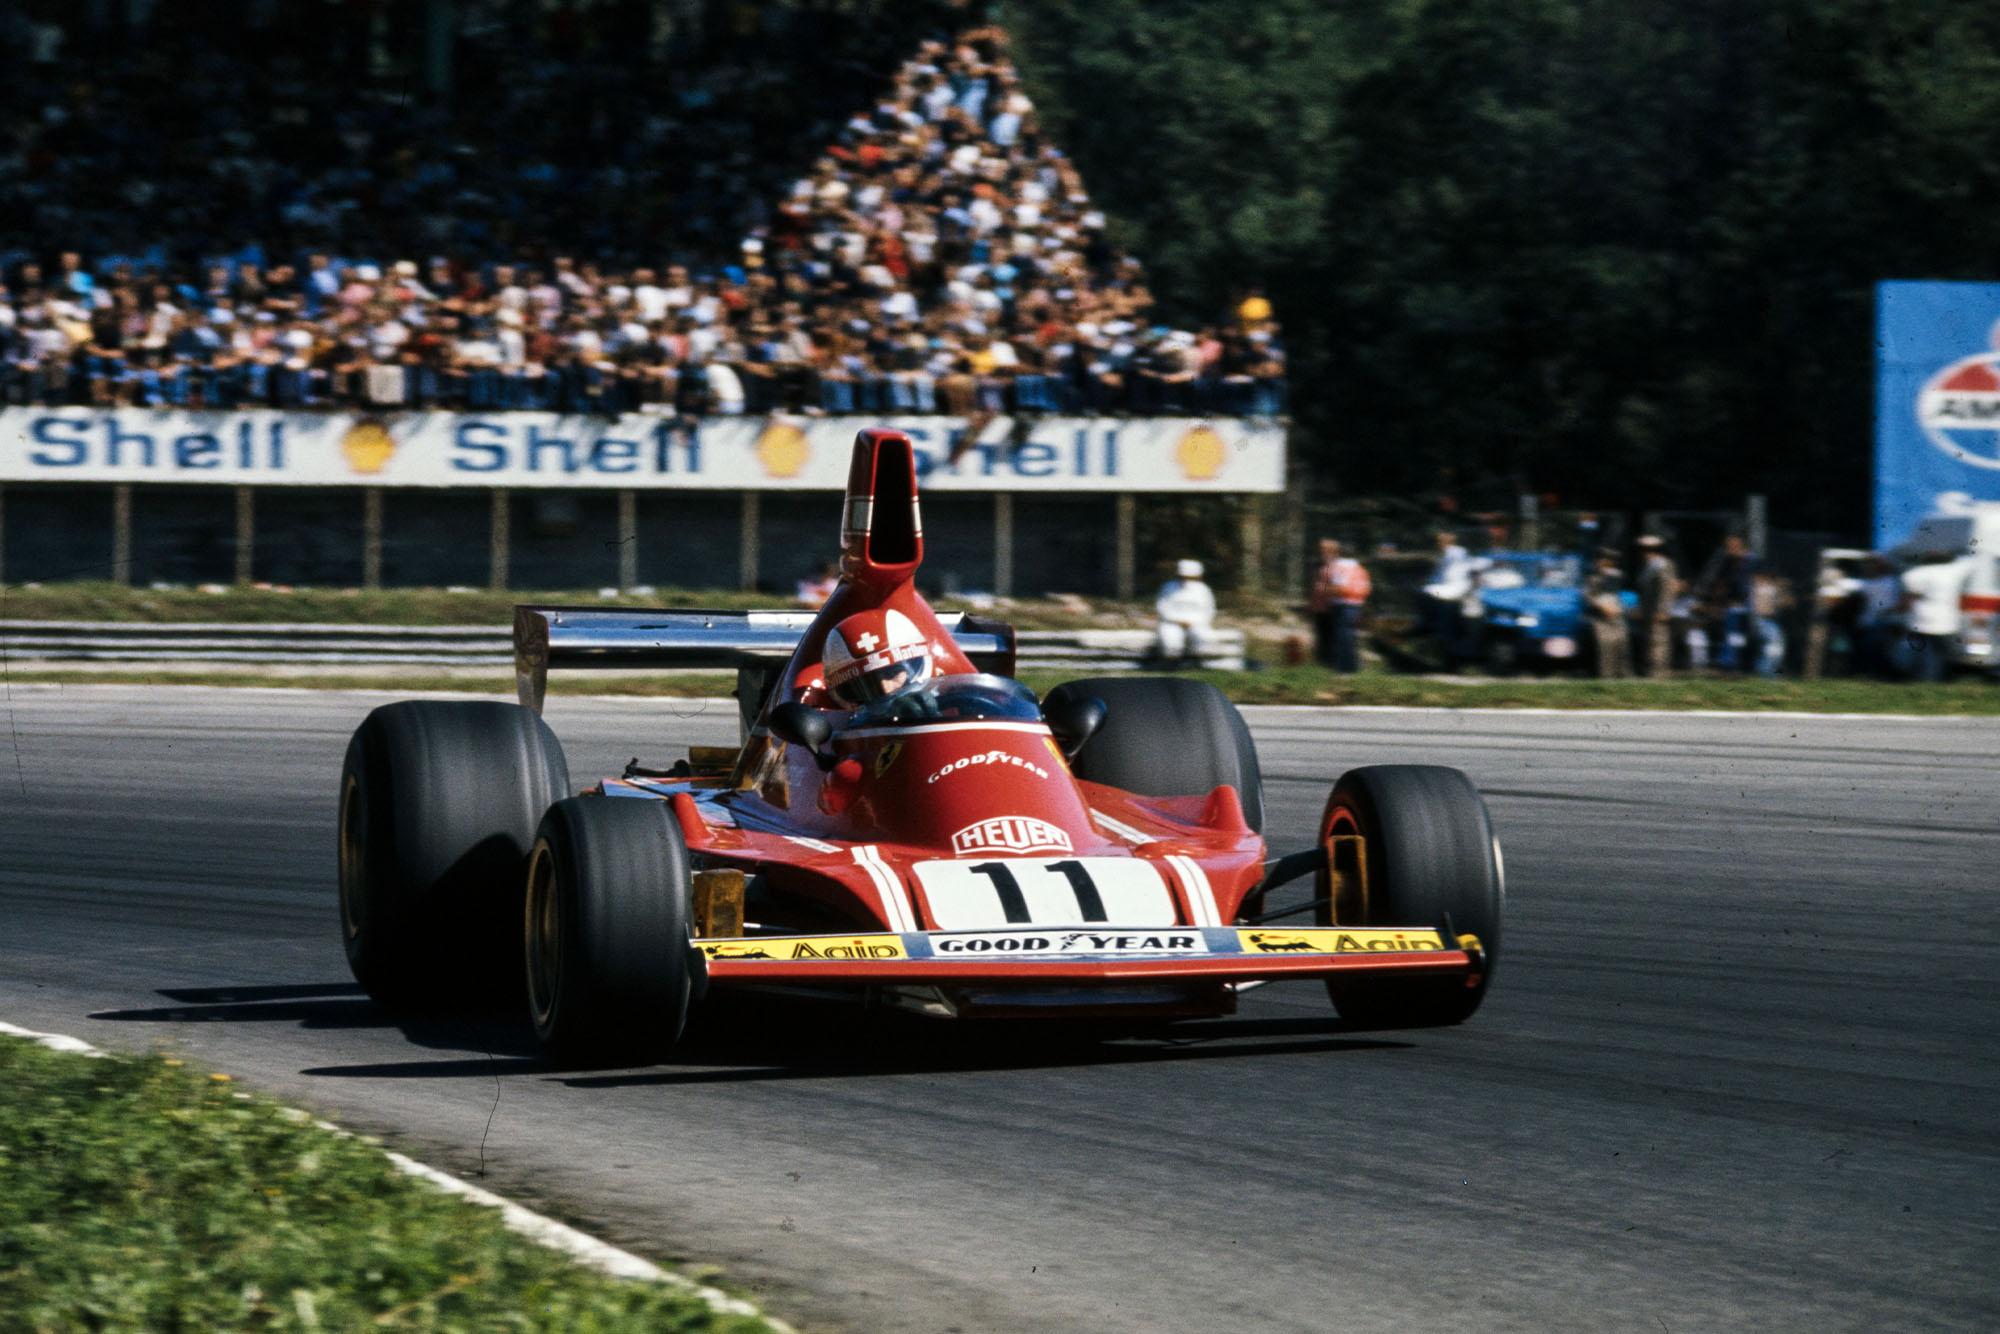 Clay Regazzoni driving for Ferrari at the 1974 Italian Grand Prix